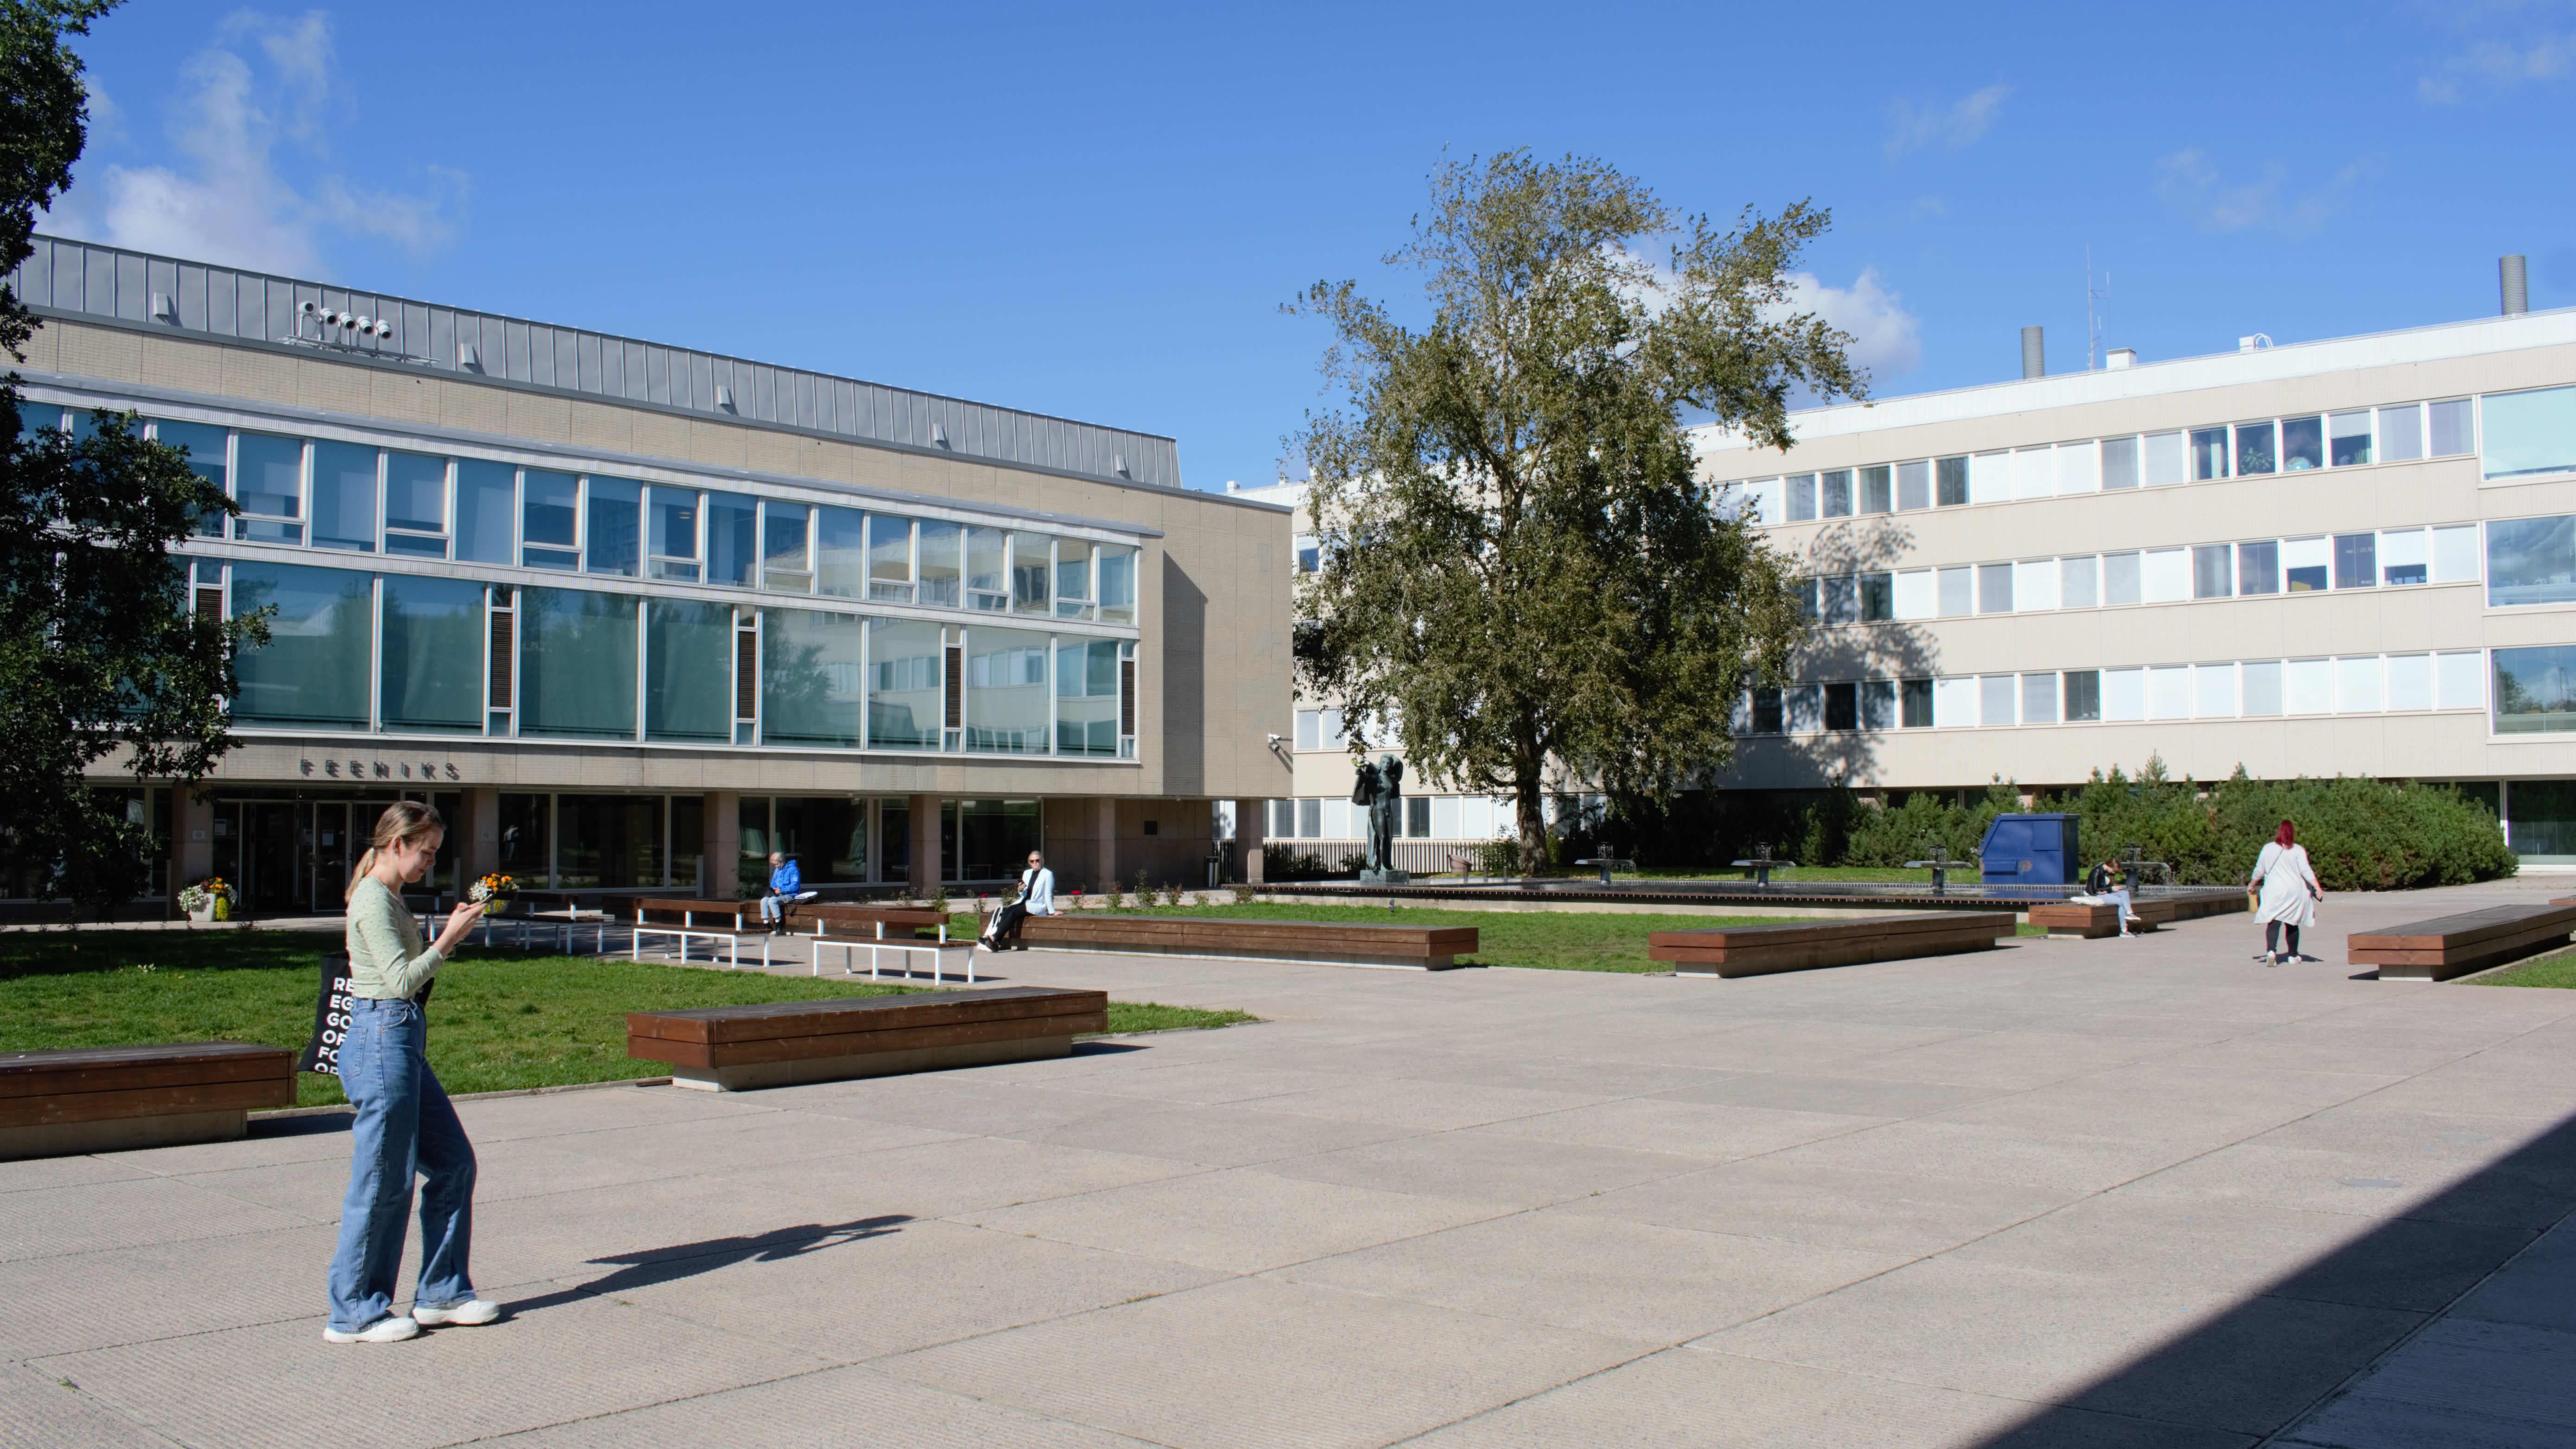 Turun yliopiston pihaa pääkirjaston edessä.